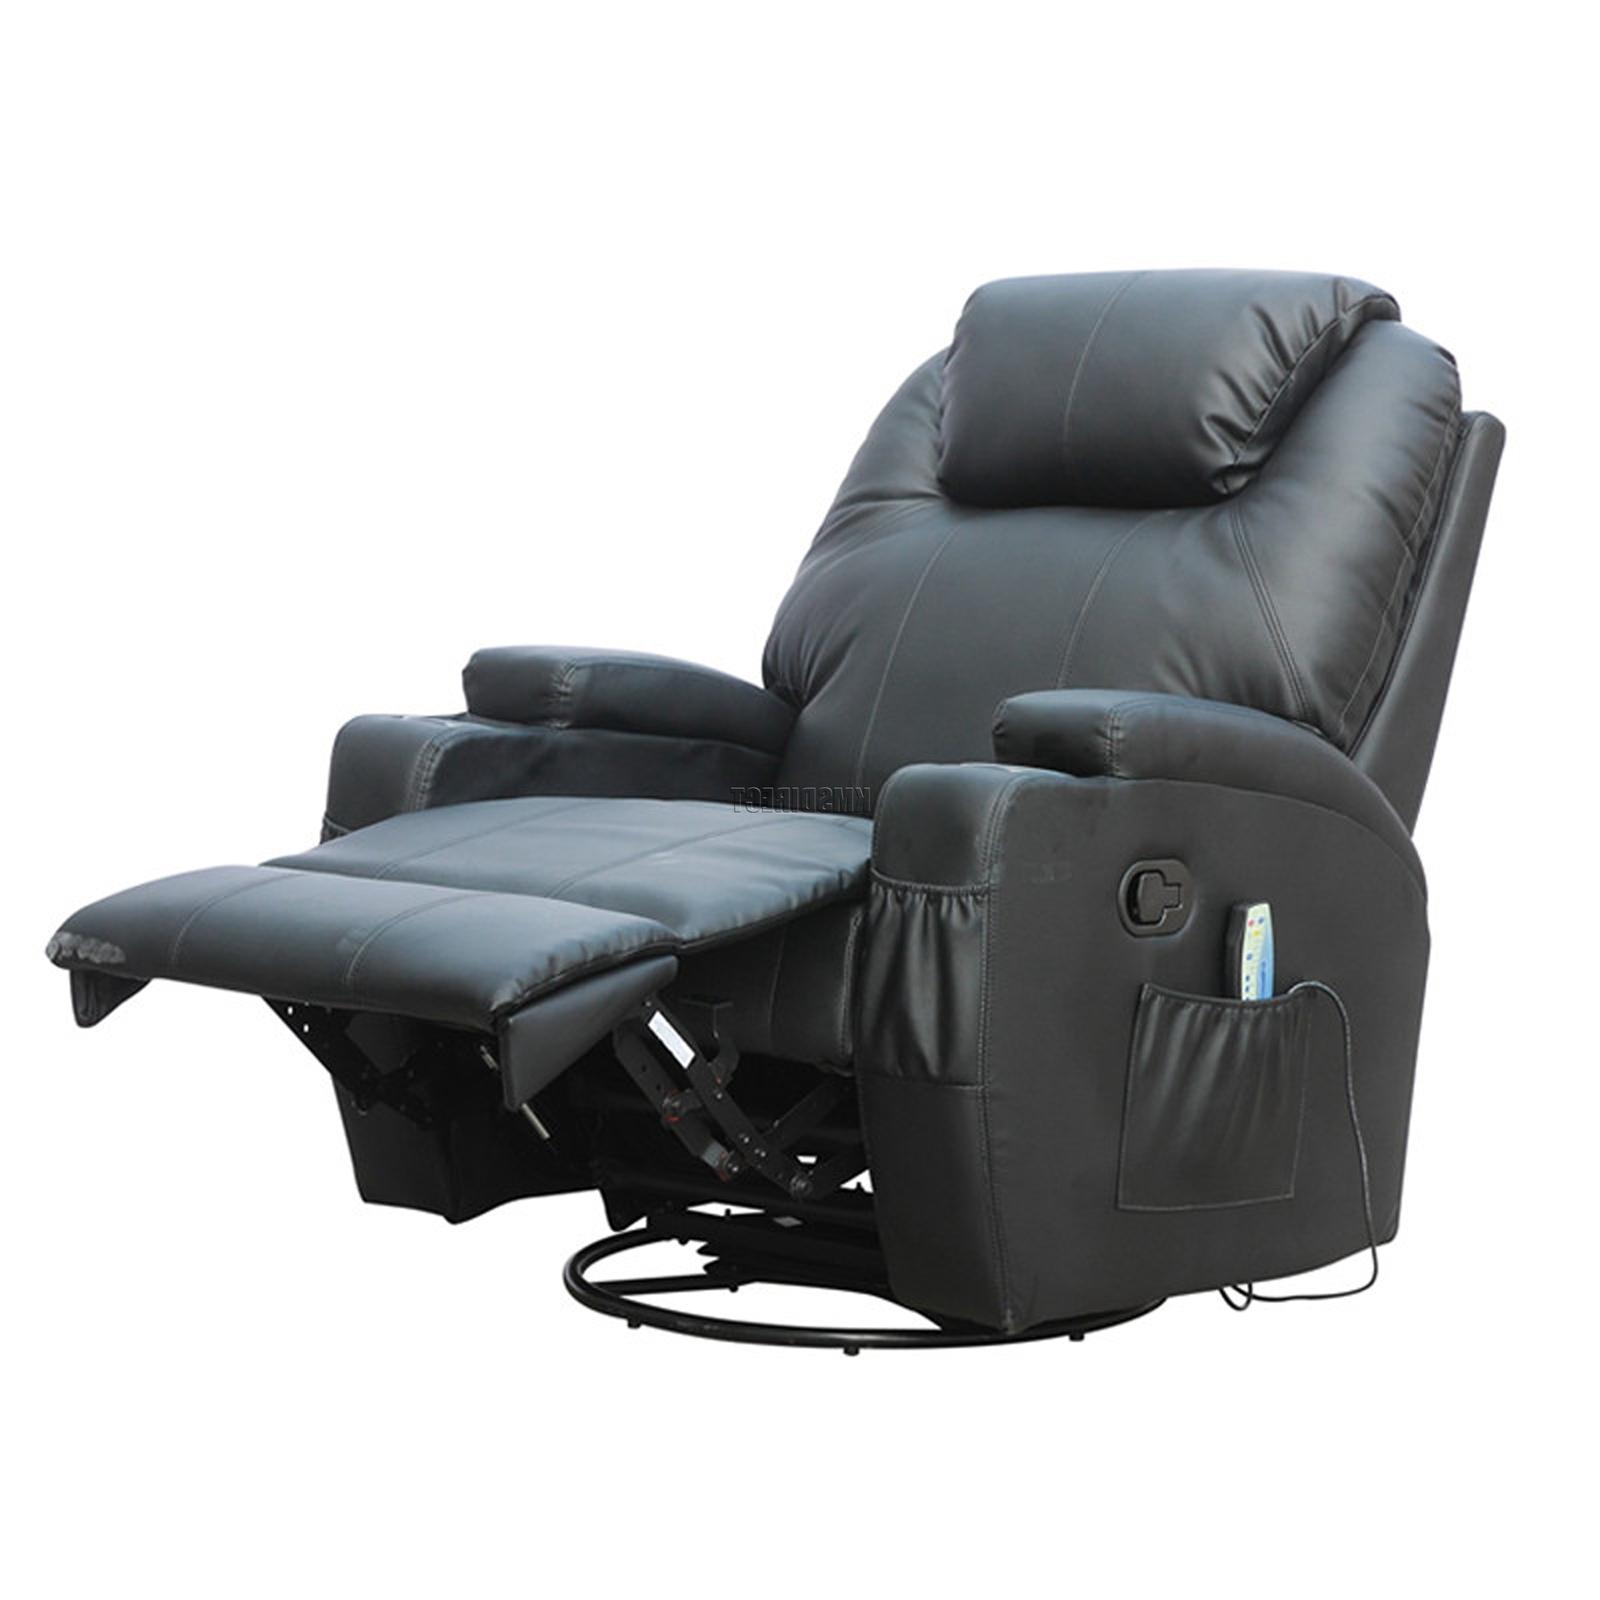 Sofa Chair Recliner